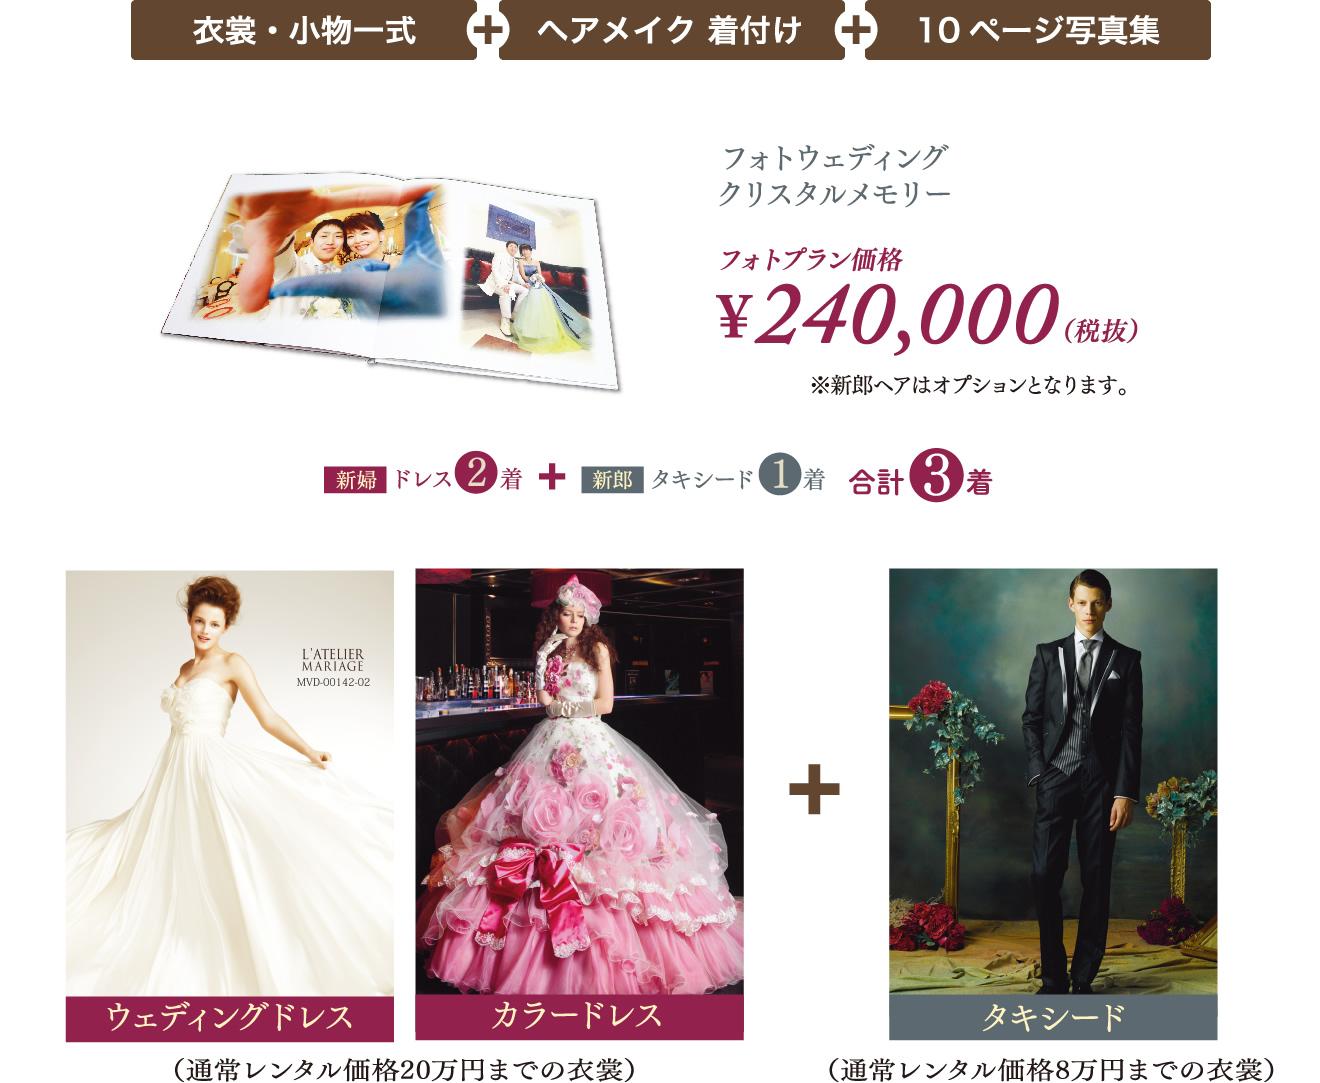 フォトプラン価格 ¥240,000(税抜)